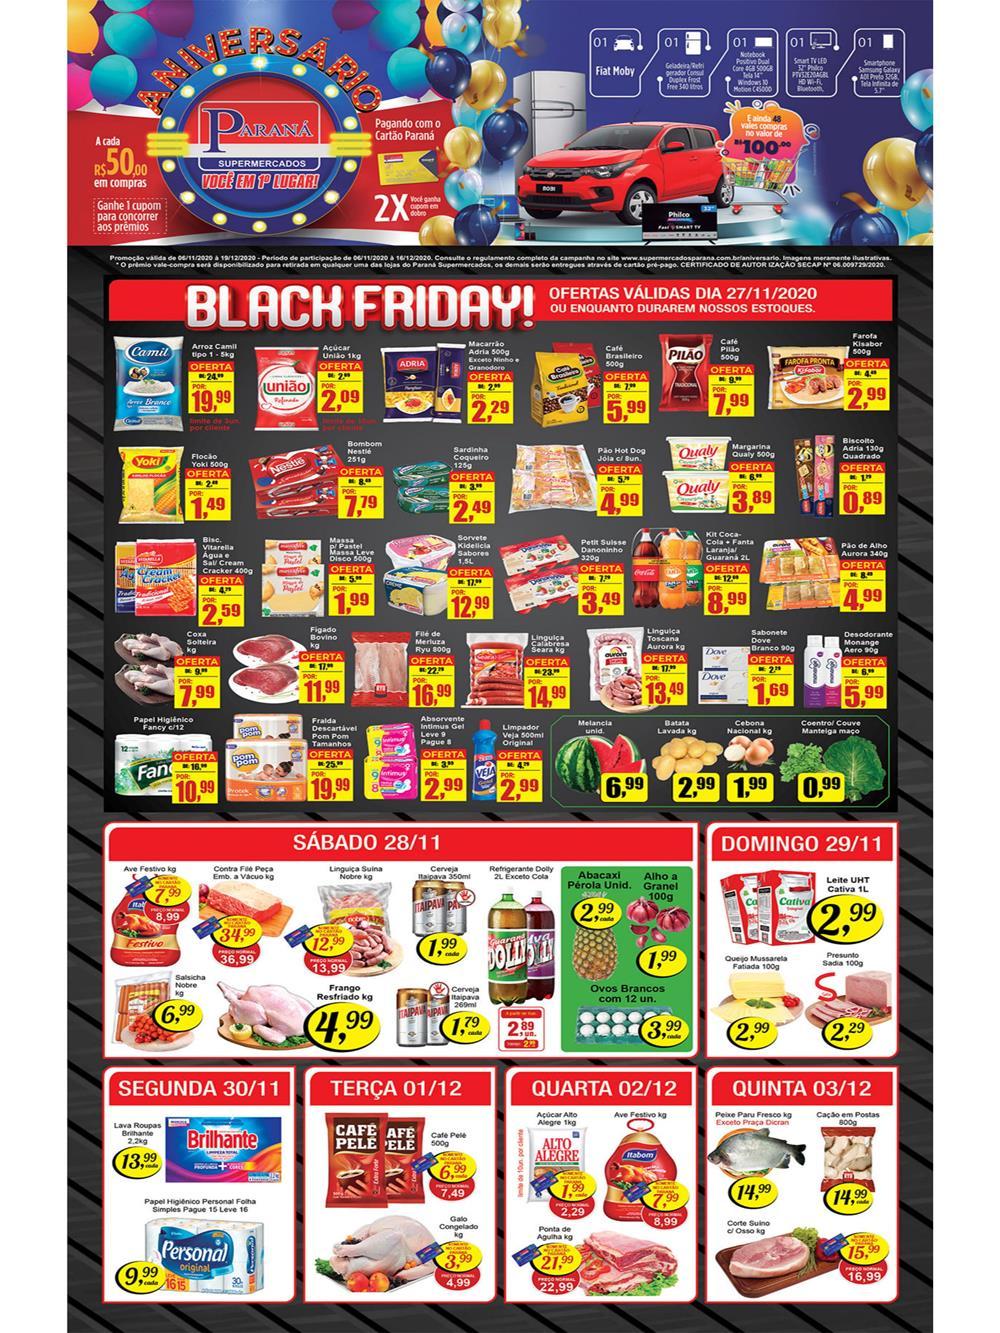 parana-ofertas-descontos-hoje1-9 Black Friday Ofertas de supermercados